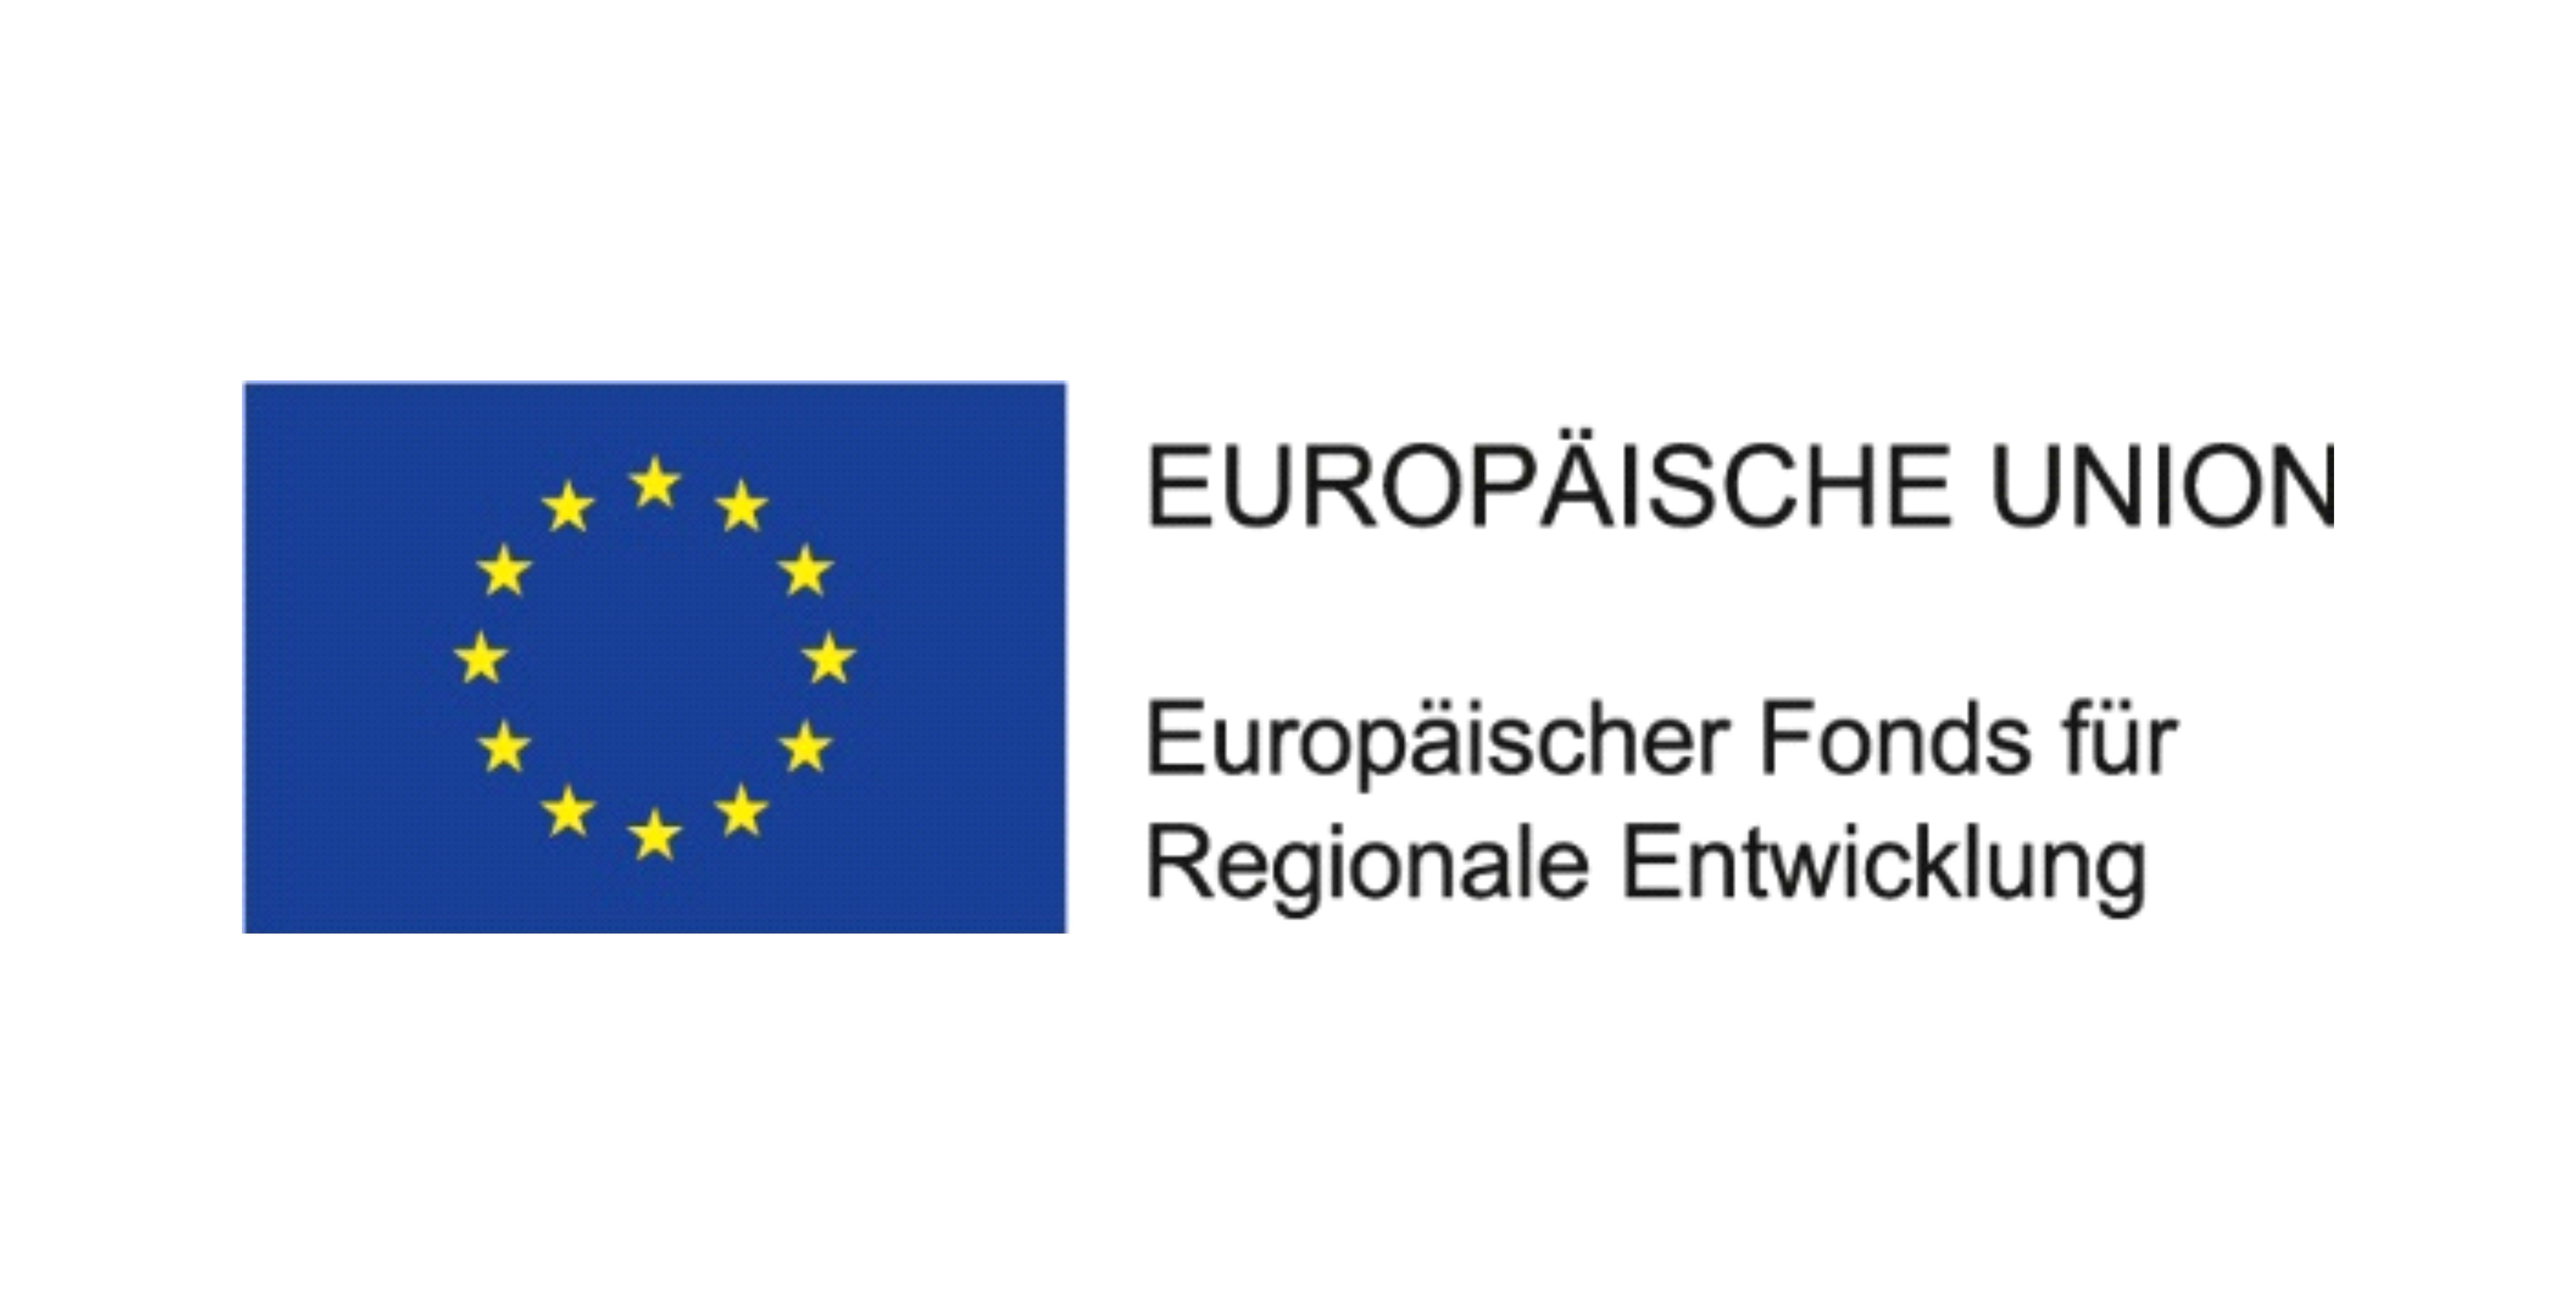 Projekt Digitale Transformation: in Echtzeit planen, steuern und dokumentieren, gefördert durch EFRE